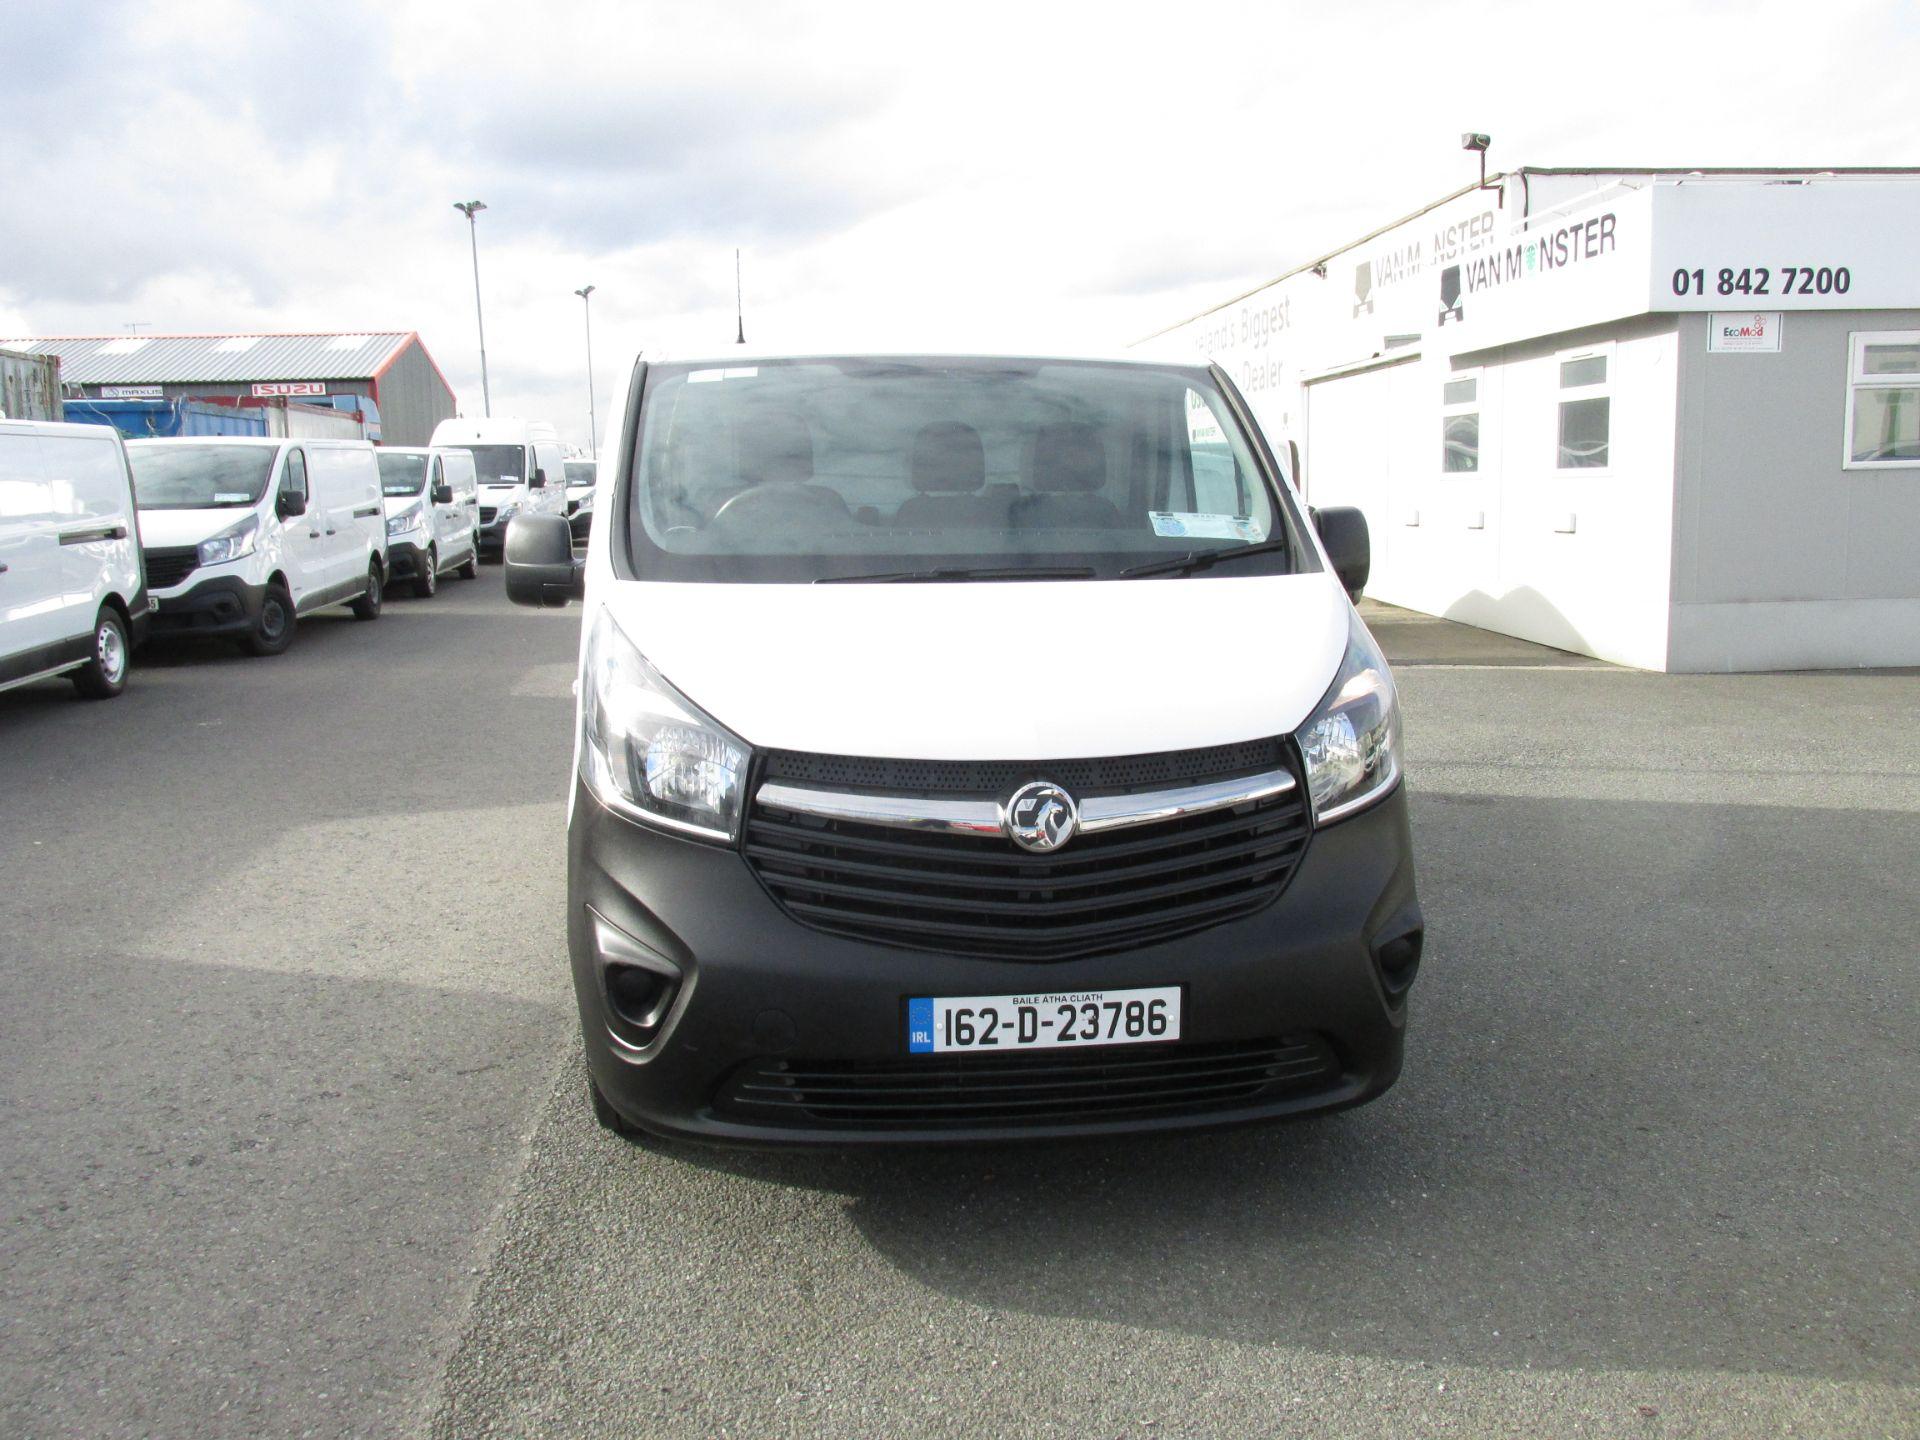 2016 Vauxhall Vivaro 2900 L2H1 CDTI P/V (162D23786) Image 2